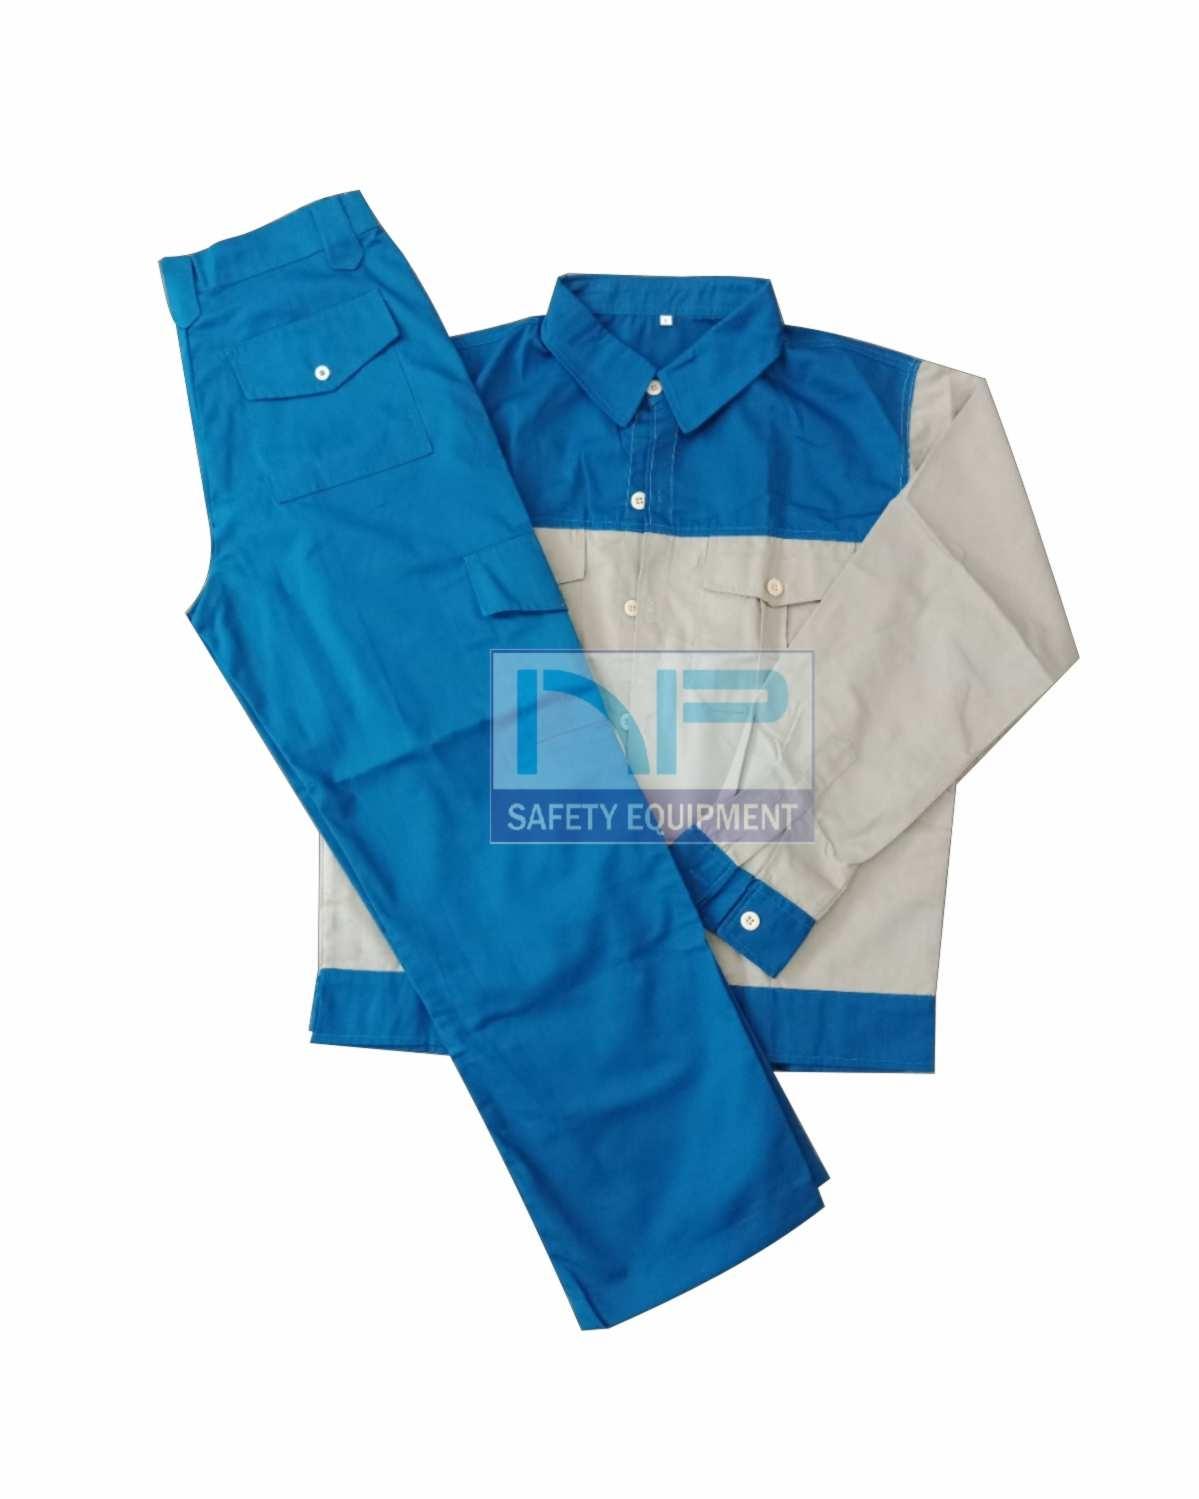 Quần áo bảo hộ vải Pangzim-HQ phối màu